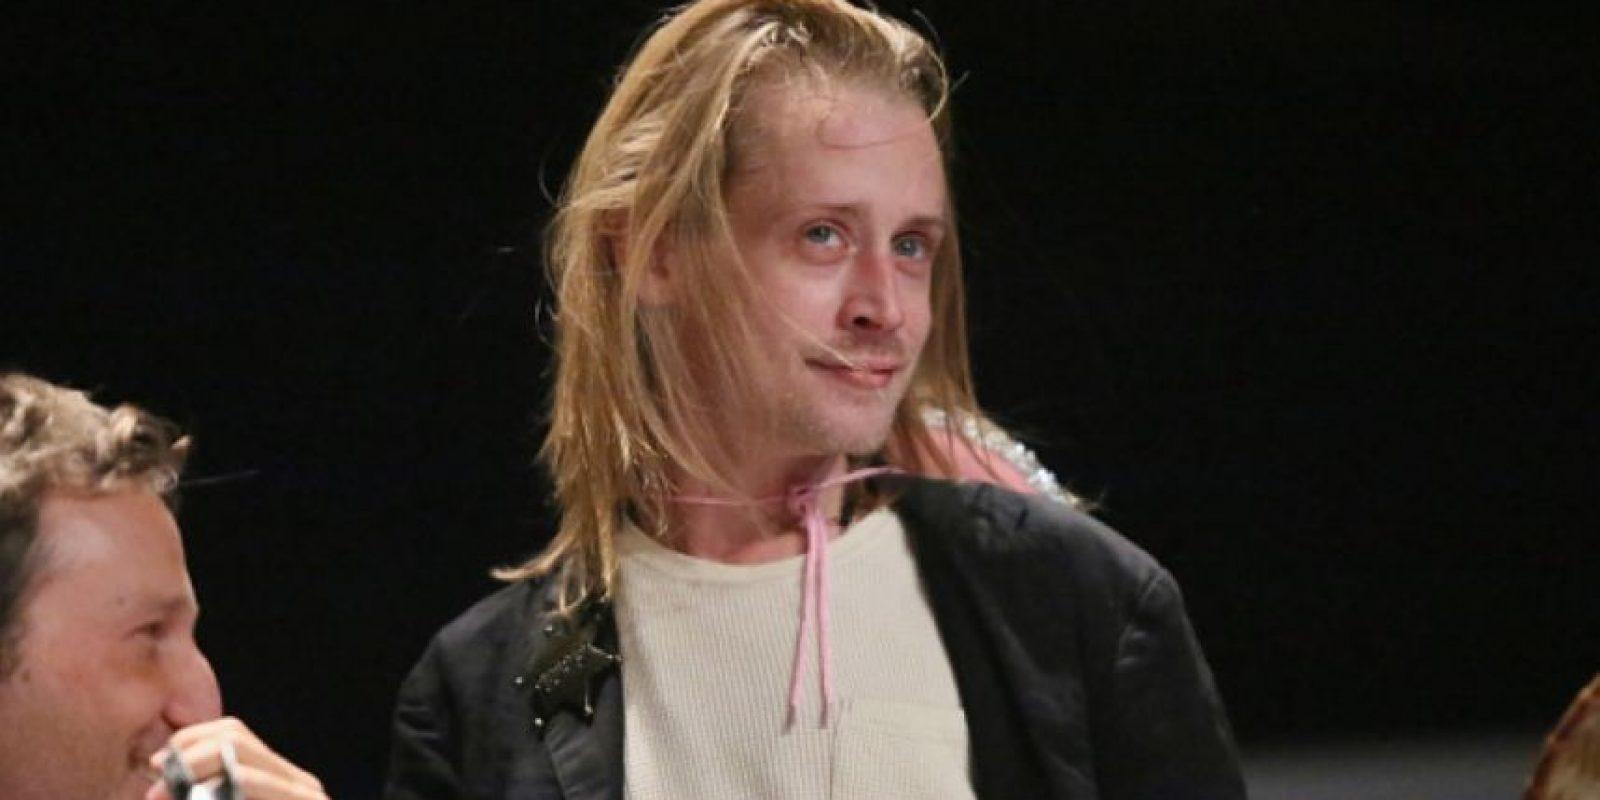 """El estadounidense que protagonizó múltiples películas en su niñez como """"Mi pobre angelito"""" y """"Ricky Ricón"""" puede resultar el caso más dramático, pues a sus 34 años luce así. Foto:Getty Images"""